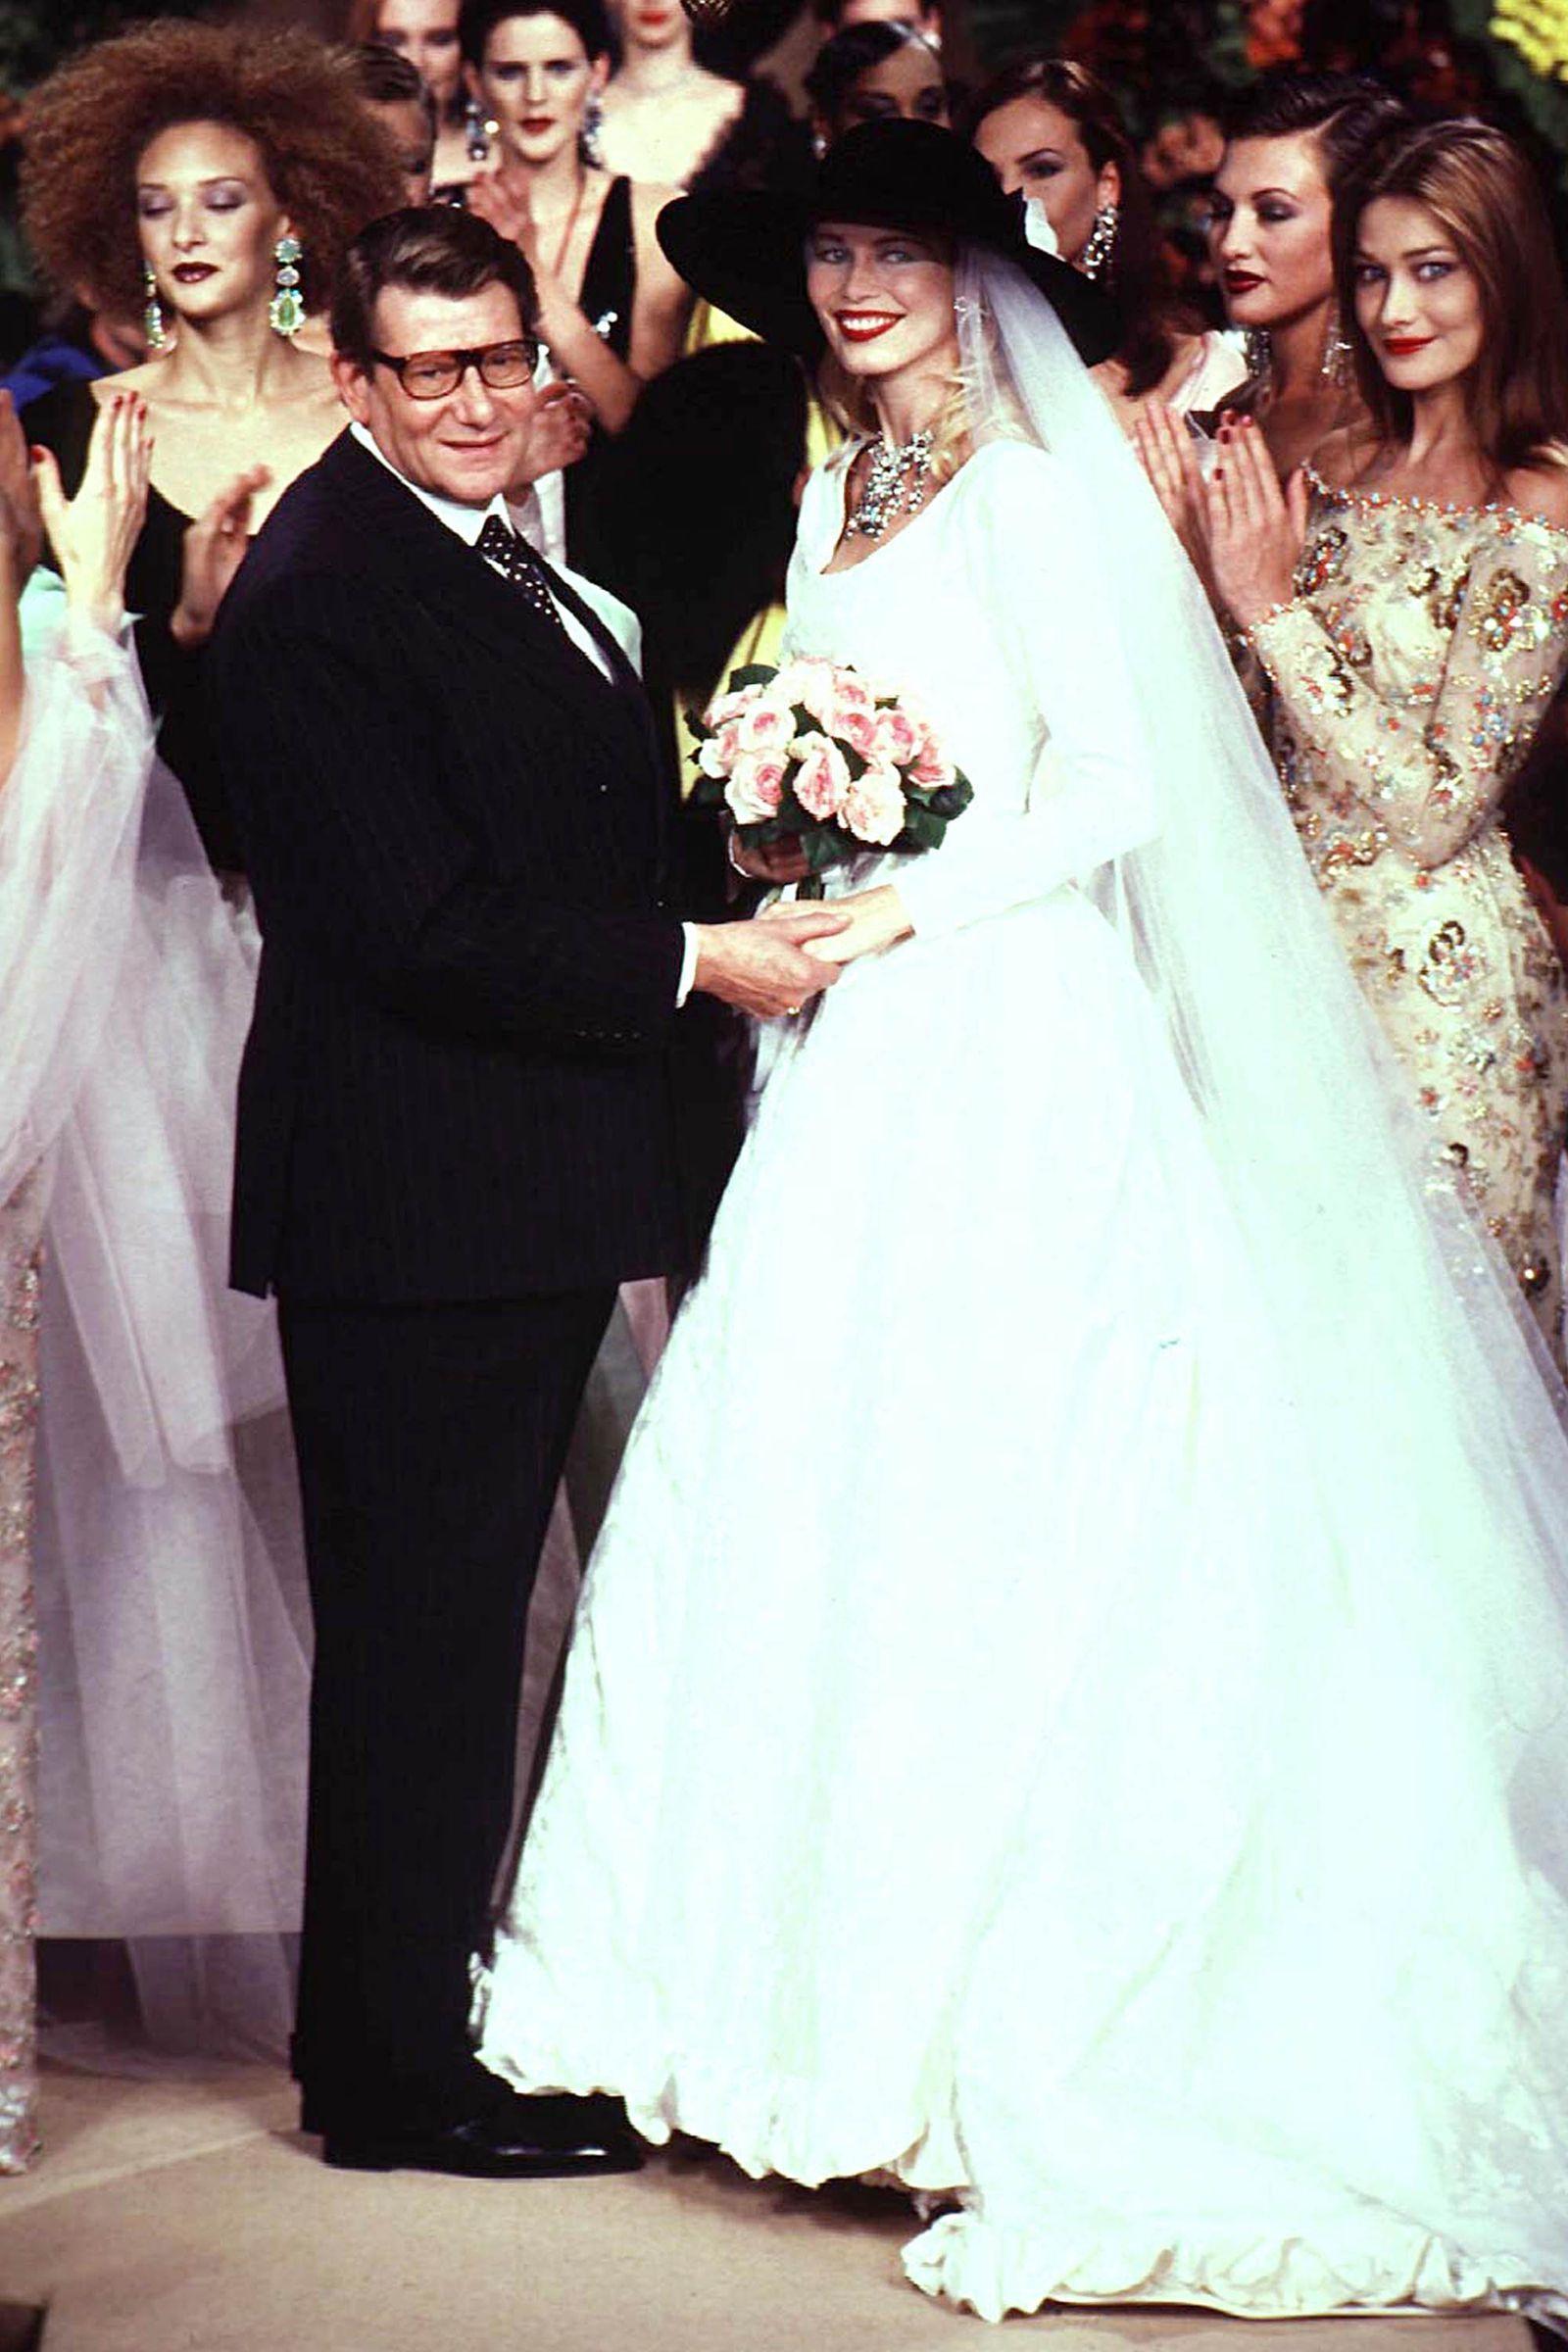 In Photos Claudia Schiffer S Best 90s Runway Moments Models Claudia Schiffer Modell